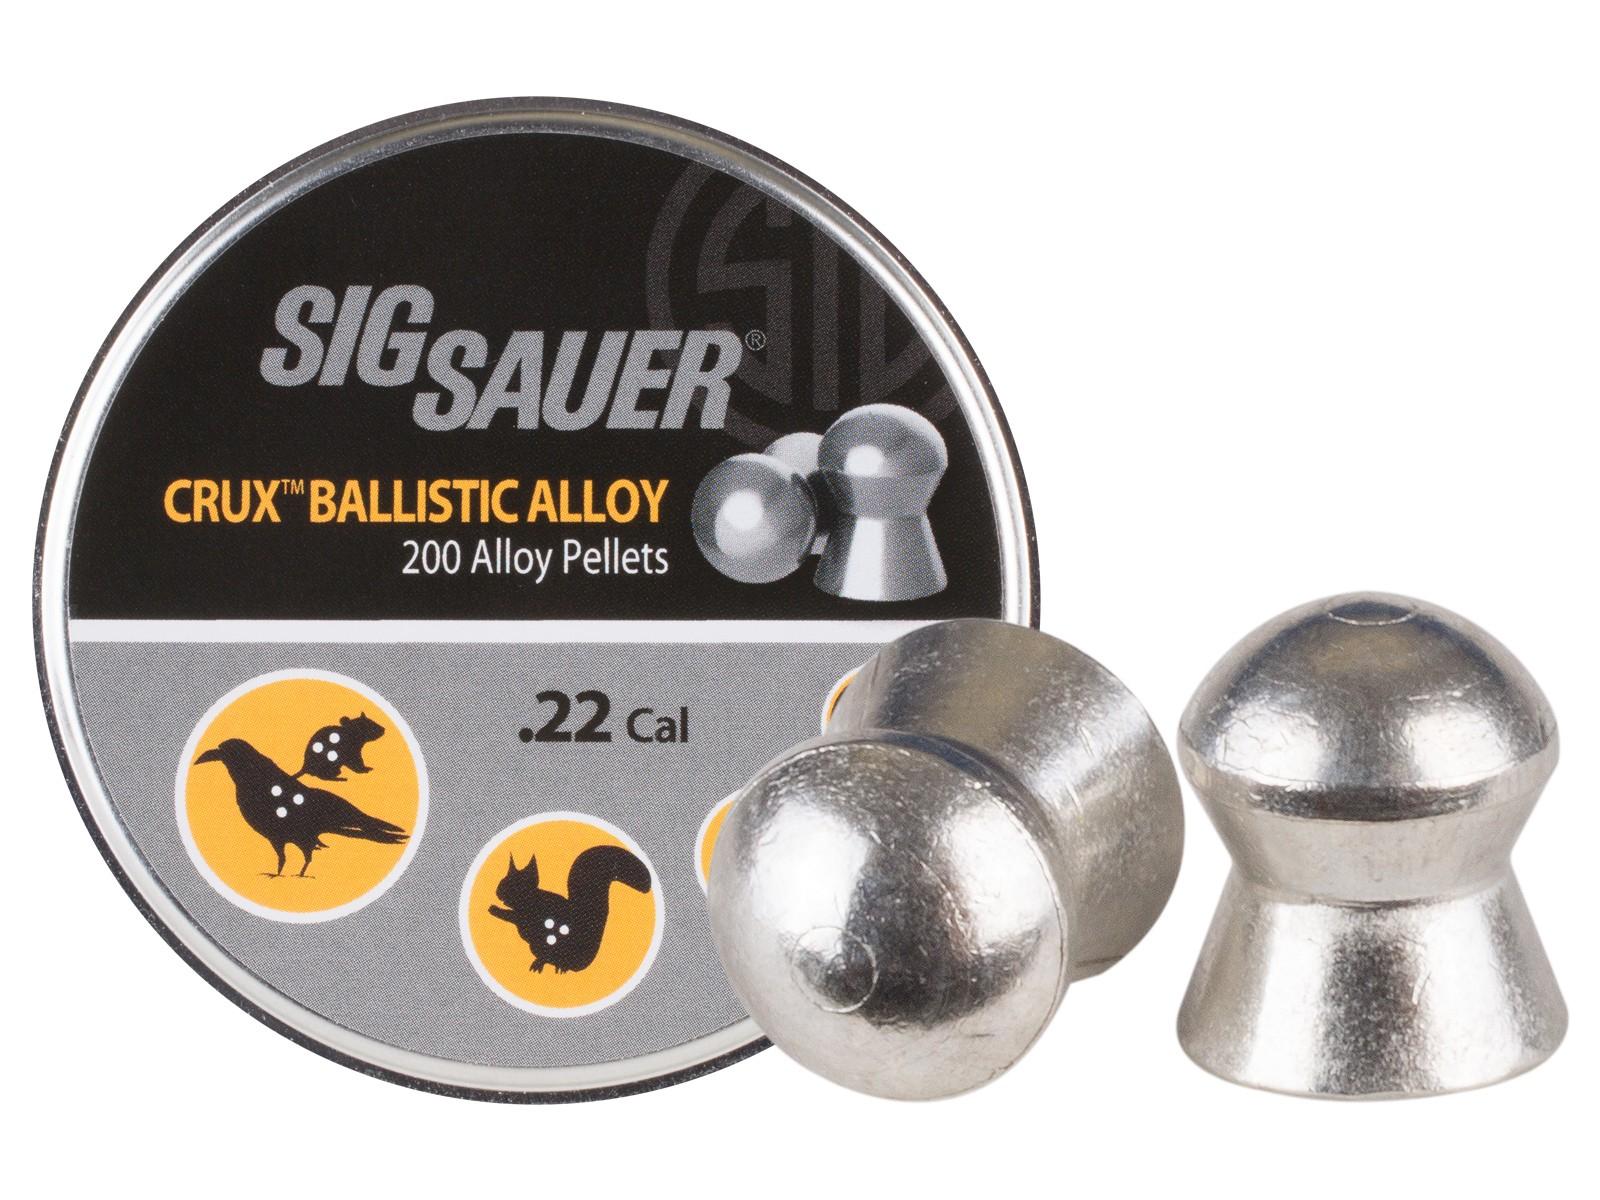 Sig Sauer Crux Ballistic Alloy Pellets, .22 Cal, 10.03 Grains, Domed, 200ct